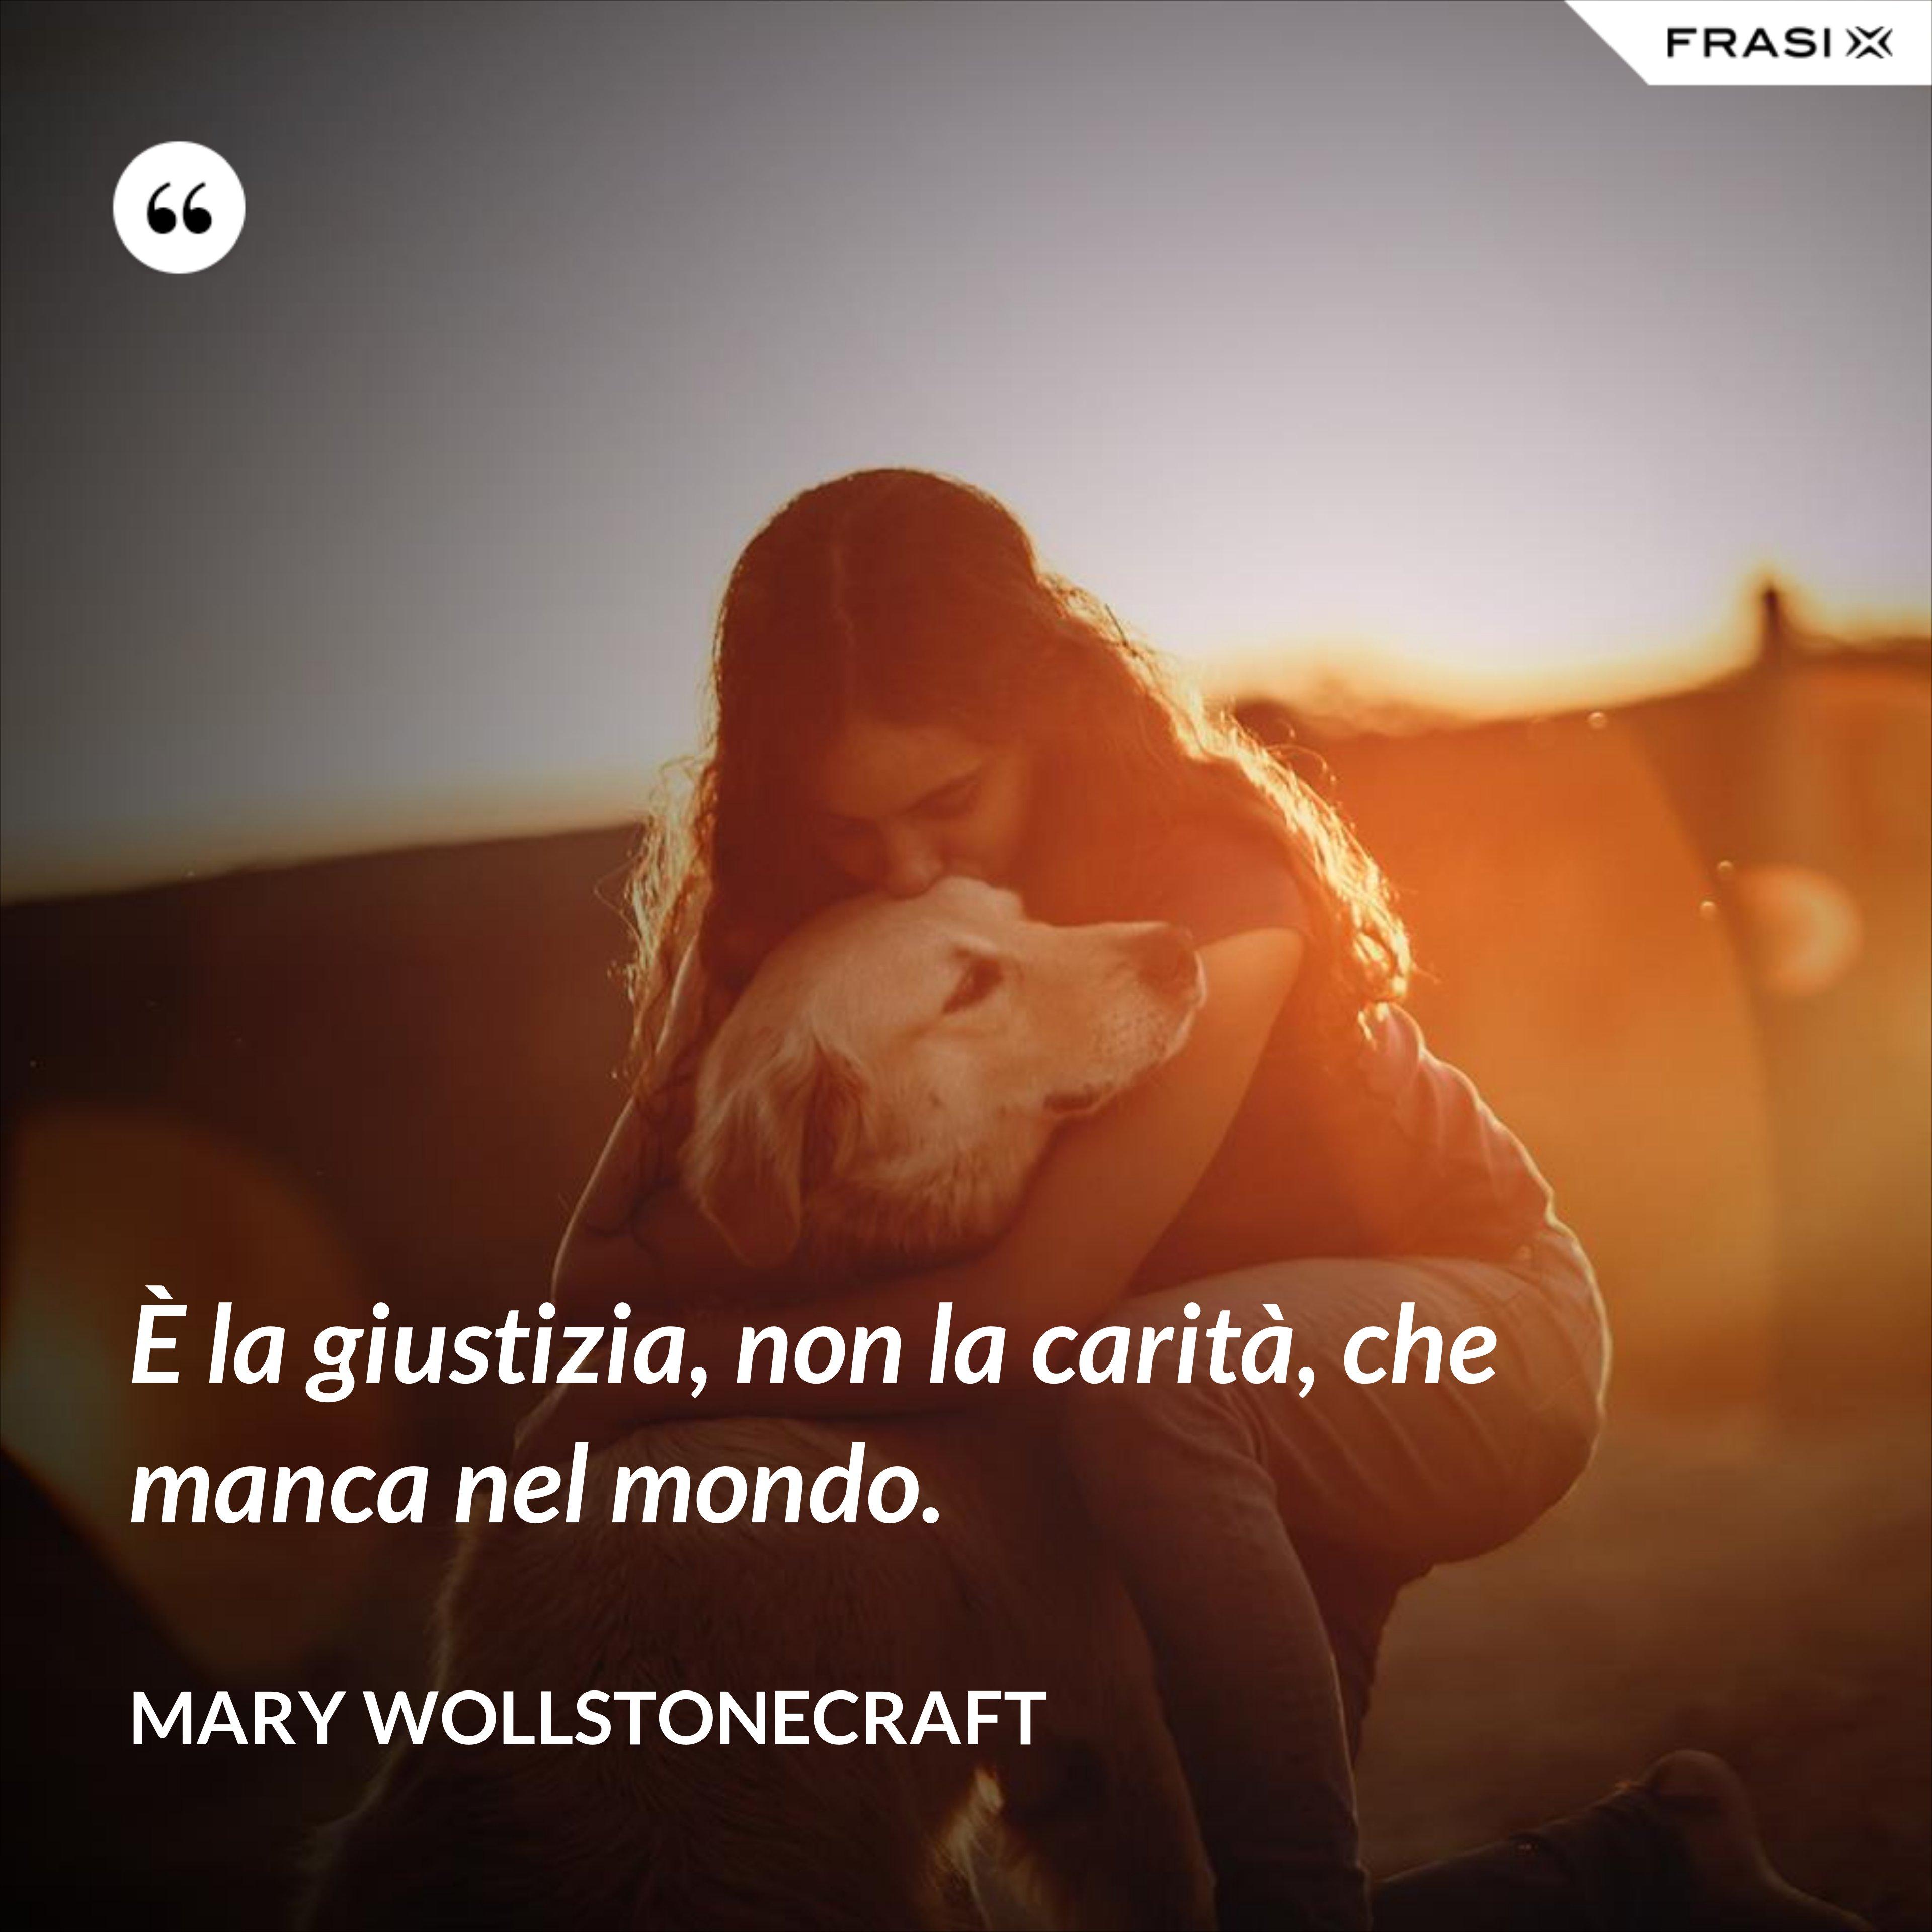 È la giustizia, non la carità, che manca nel mondo. - Mary Wollstonecraft